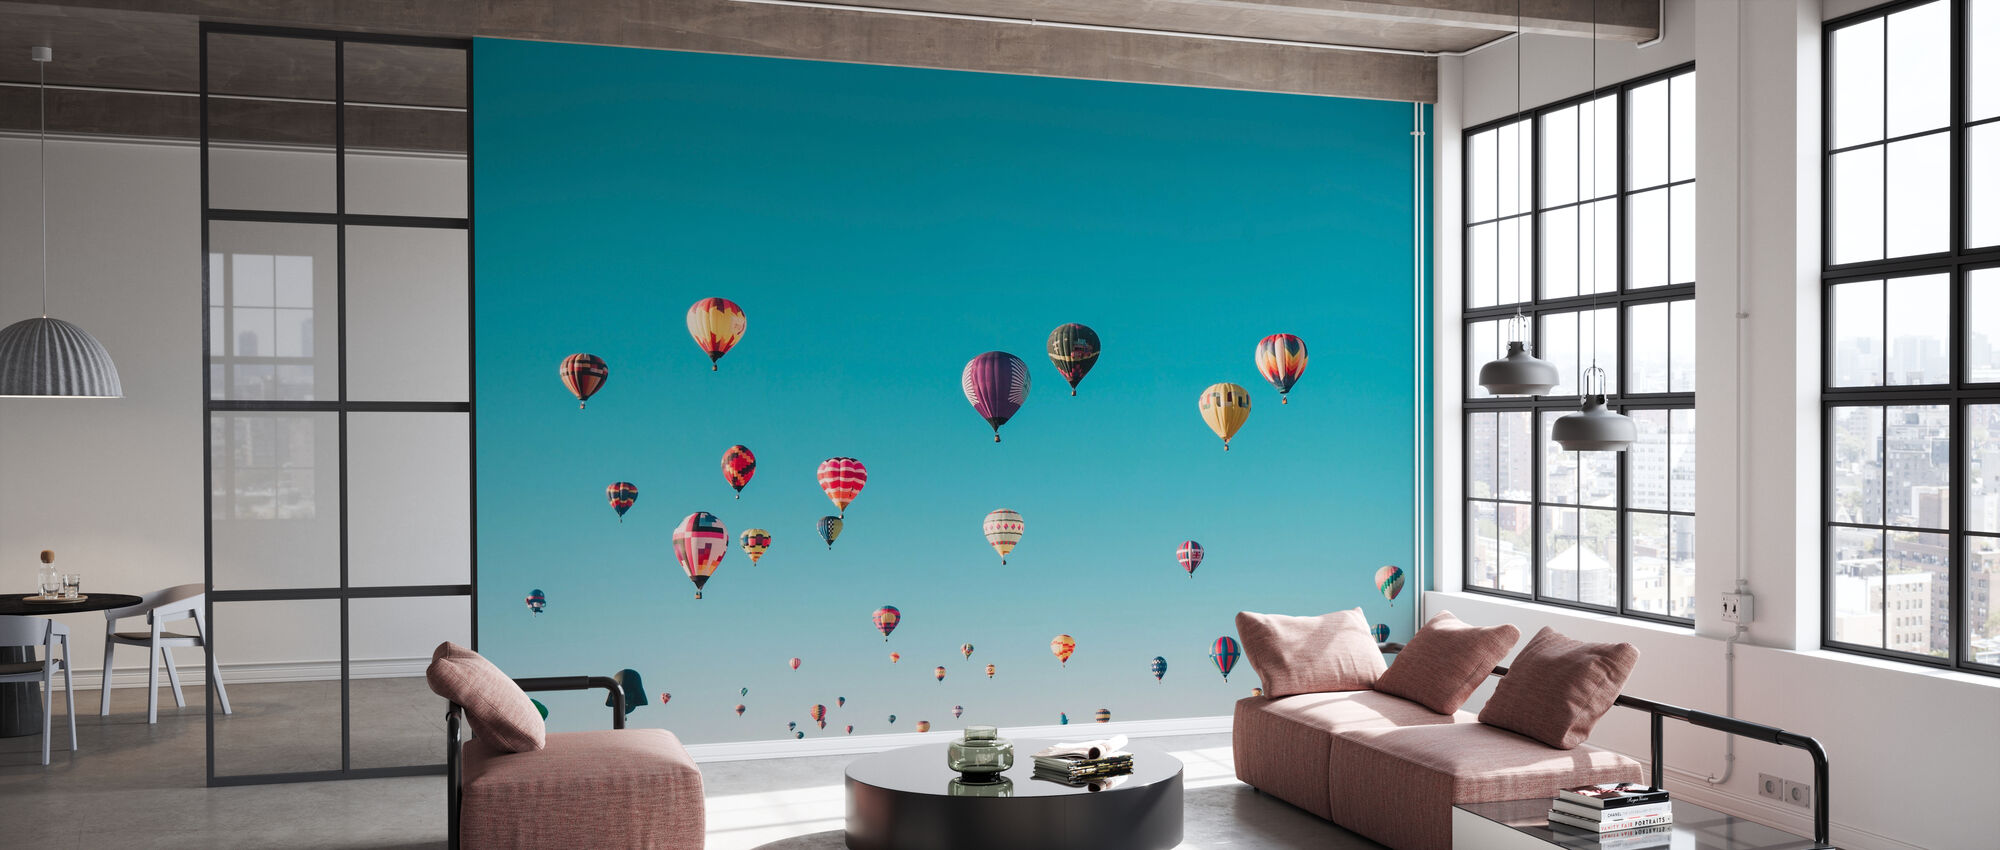 Hot Air Balloons - Wallpaper - Office